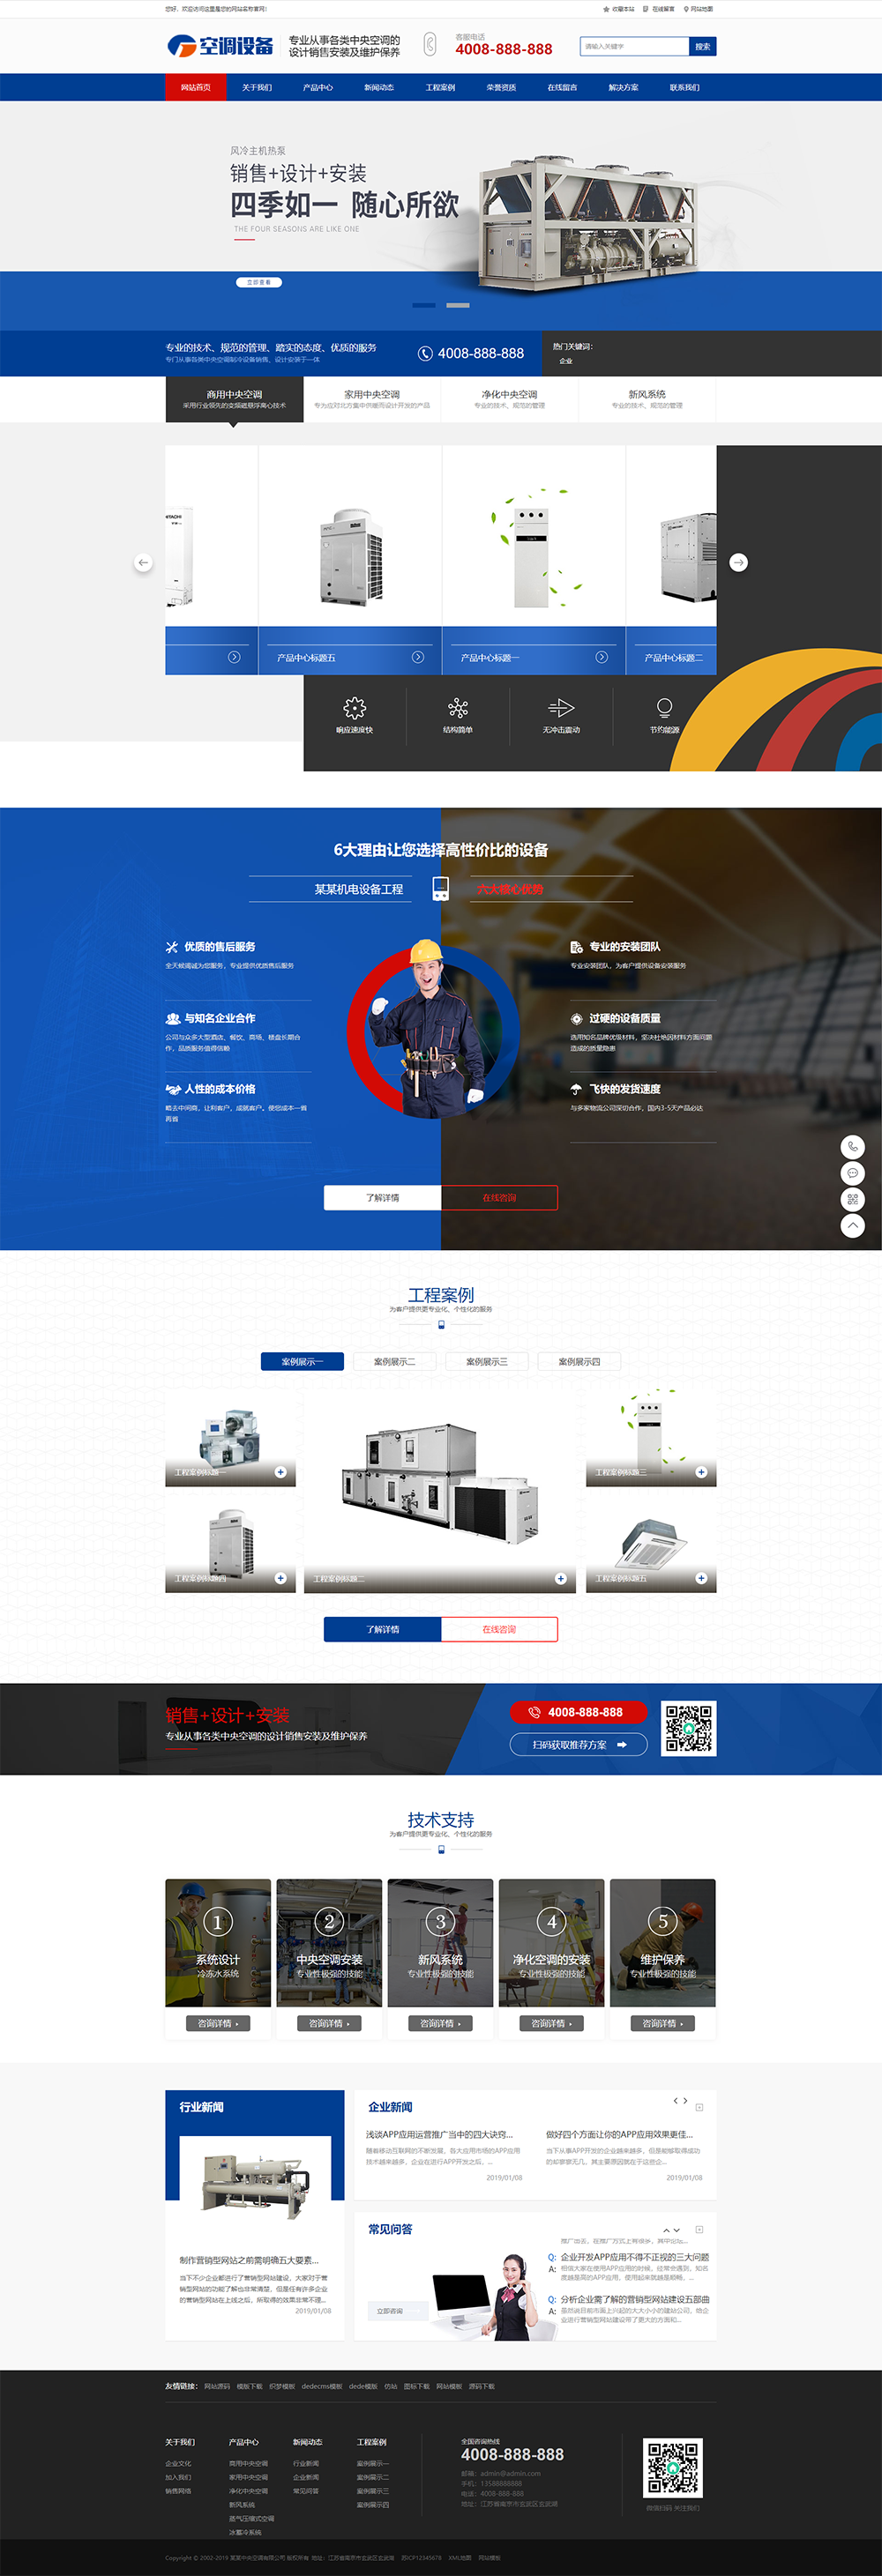 【织梦机械设备企业网站】织梦蓝色营销型空调设备系统机械类网站模板HTML5自适应手机版